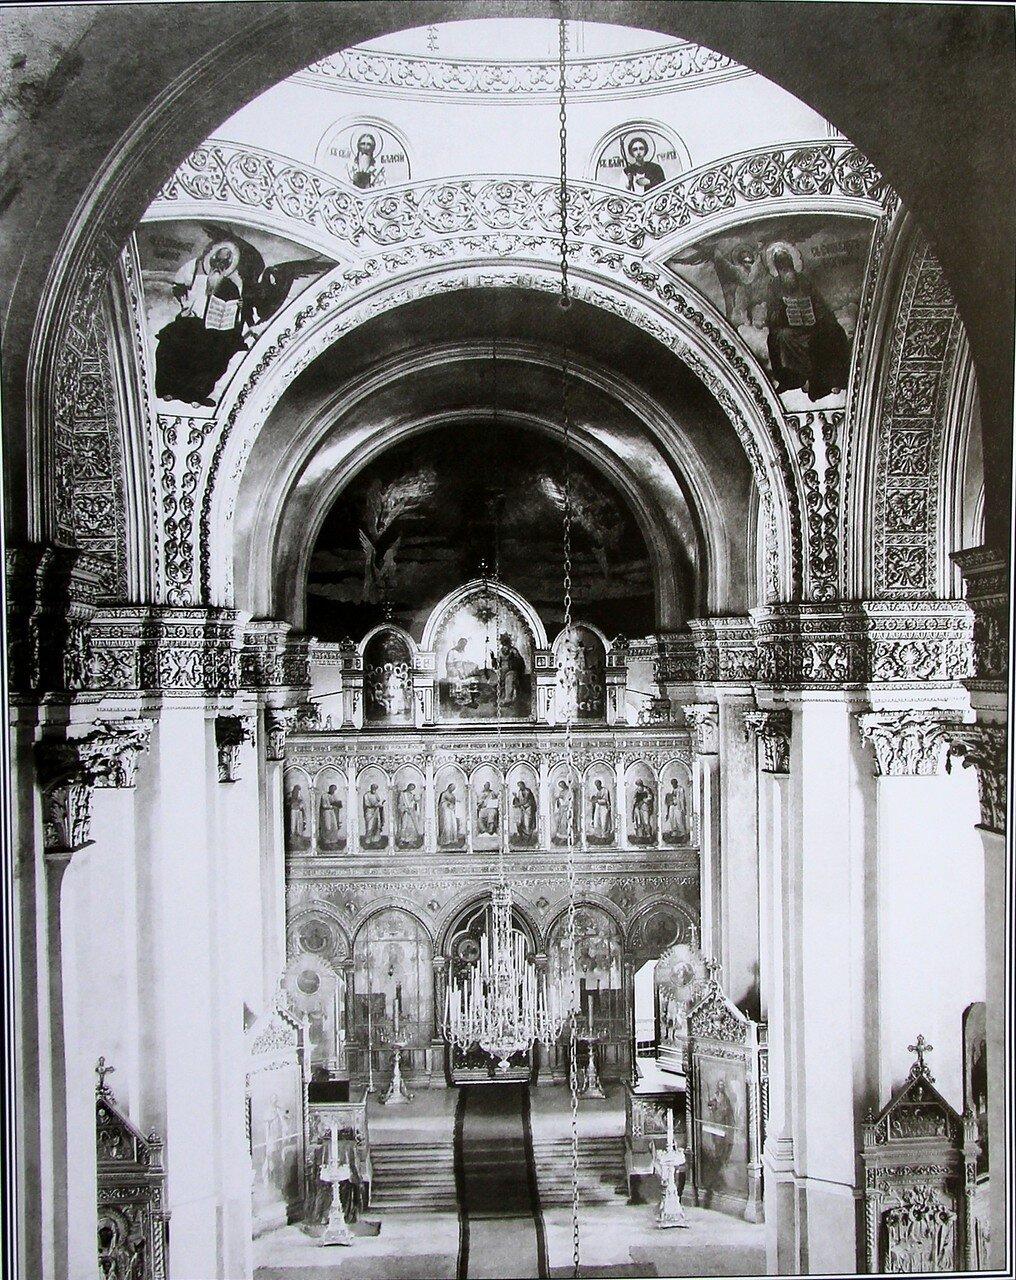 Внутренний вид Богородице-Рождественского кафедрального собора